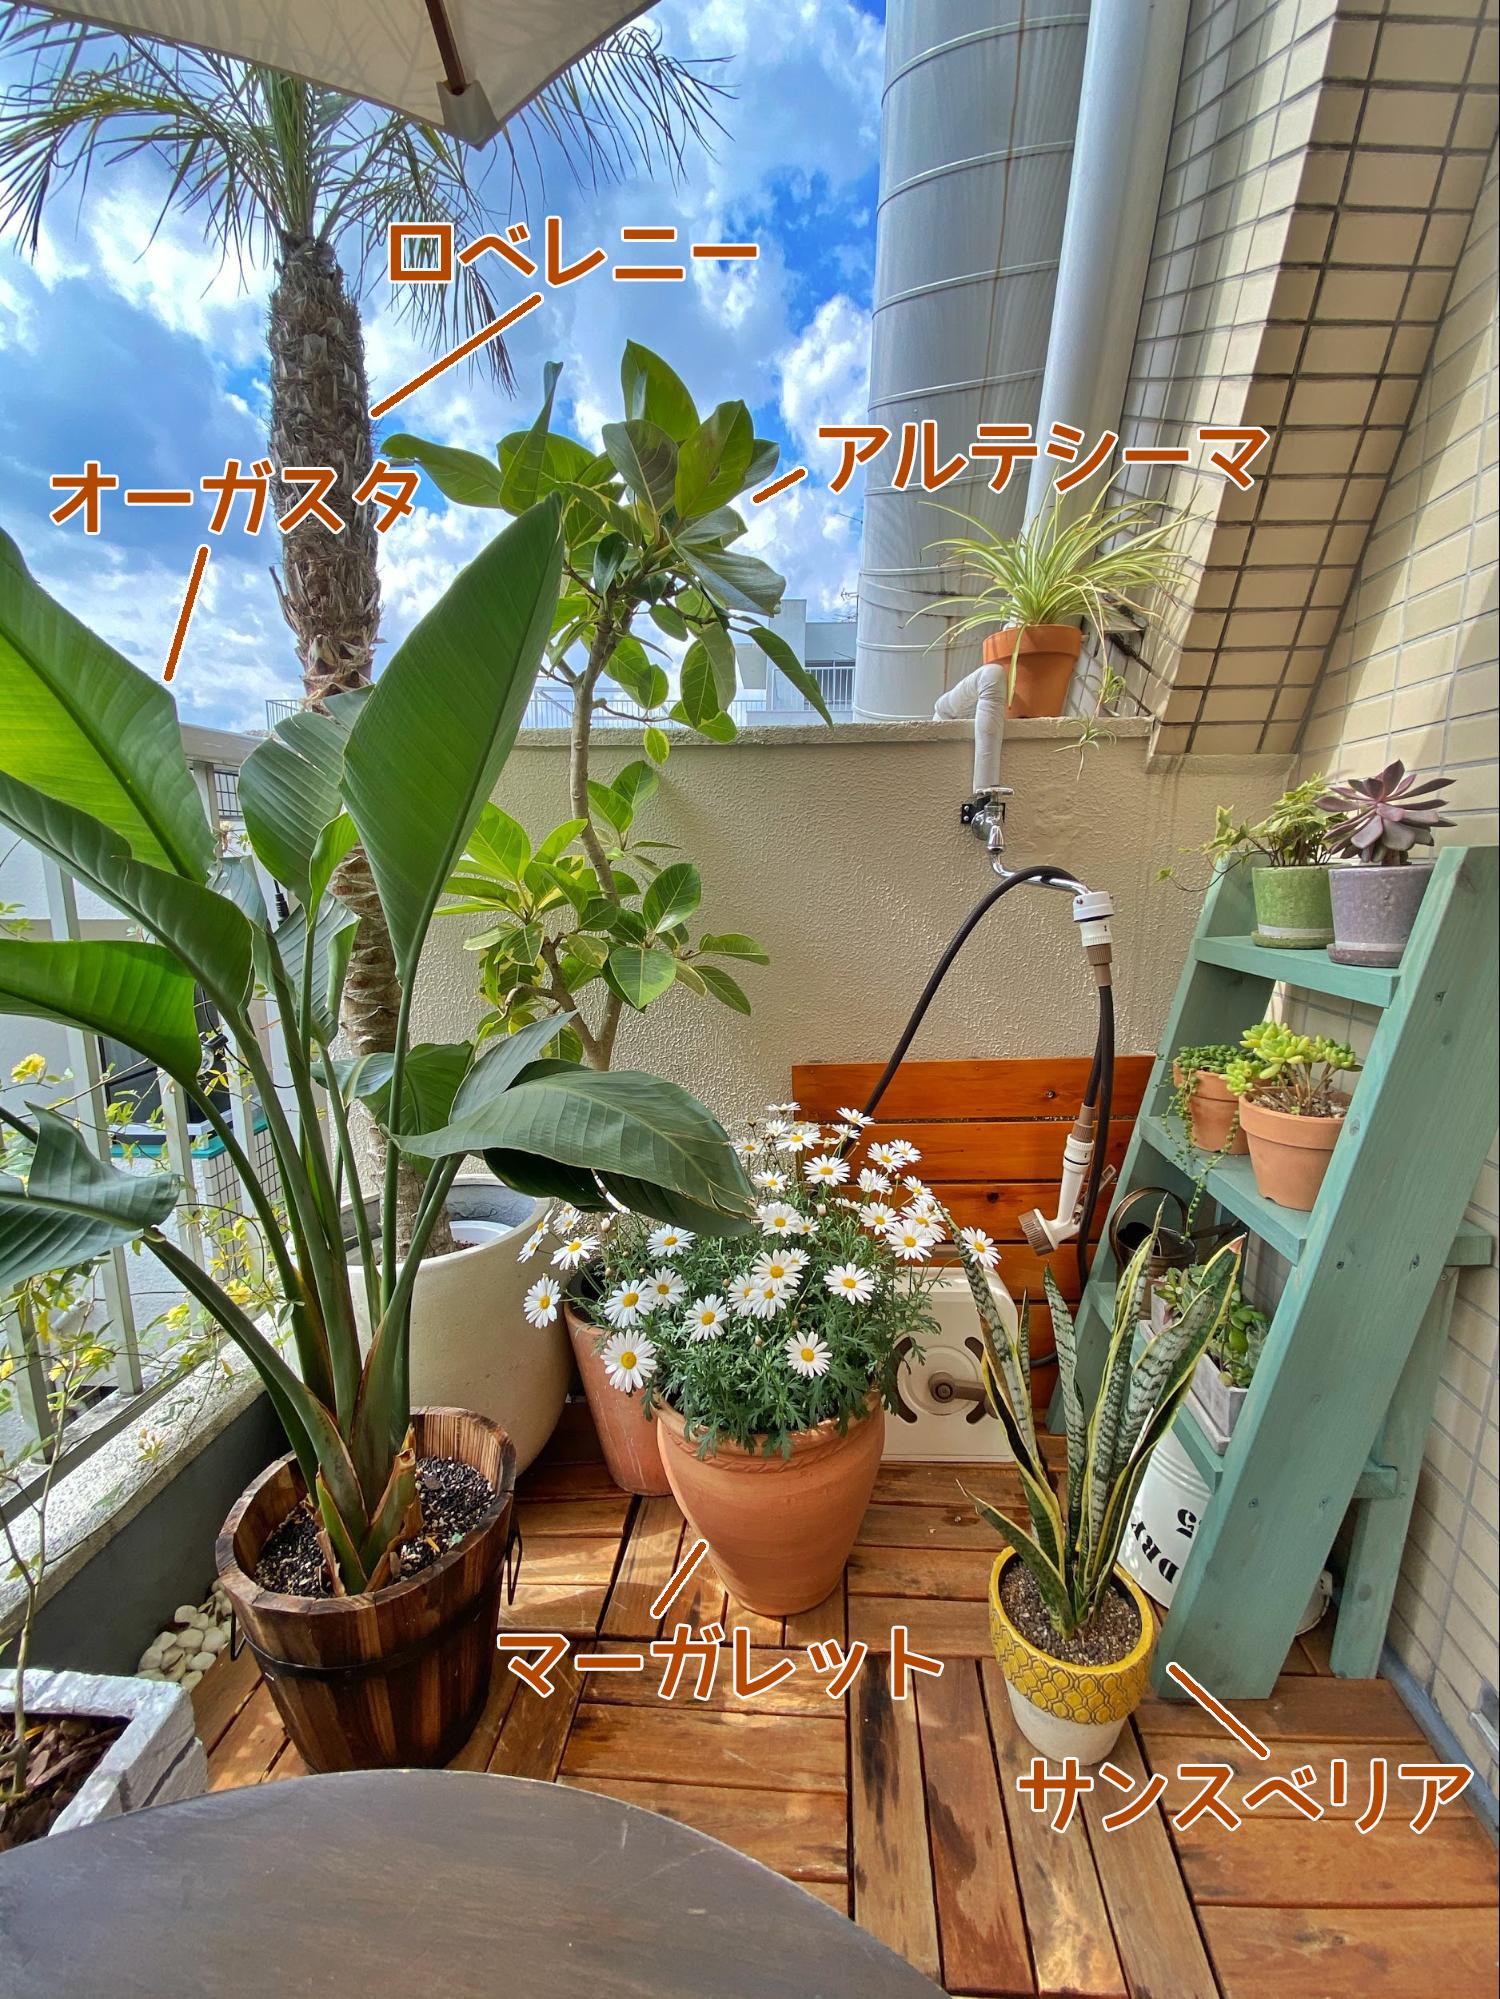 2mほどの大きいロベレニー、目線くらいの高さのアルテシーマとオーガスタ、その下に小さめサイズのサンスベリアやマーガレットの鉢植えを配置。さらに小さい種類は右側の棚の上にまとめて。